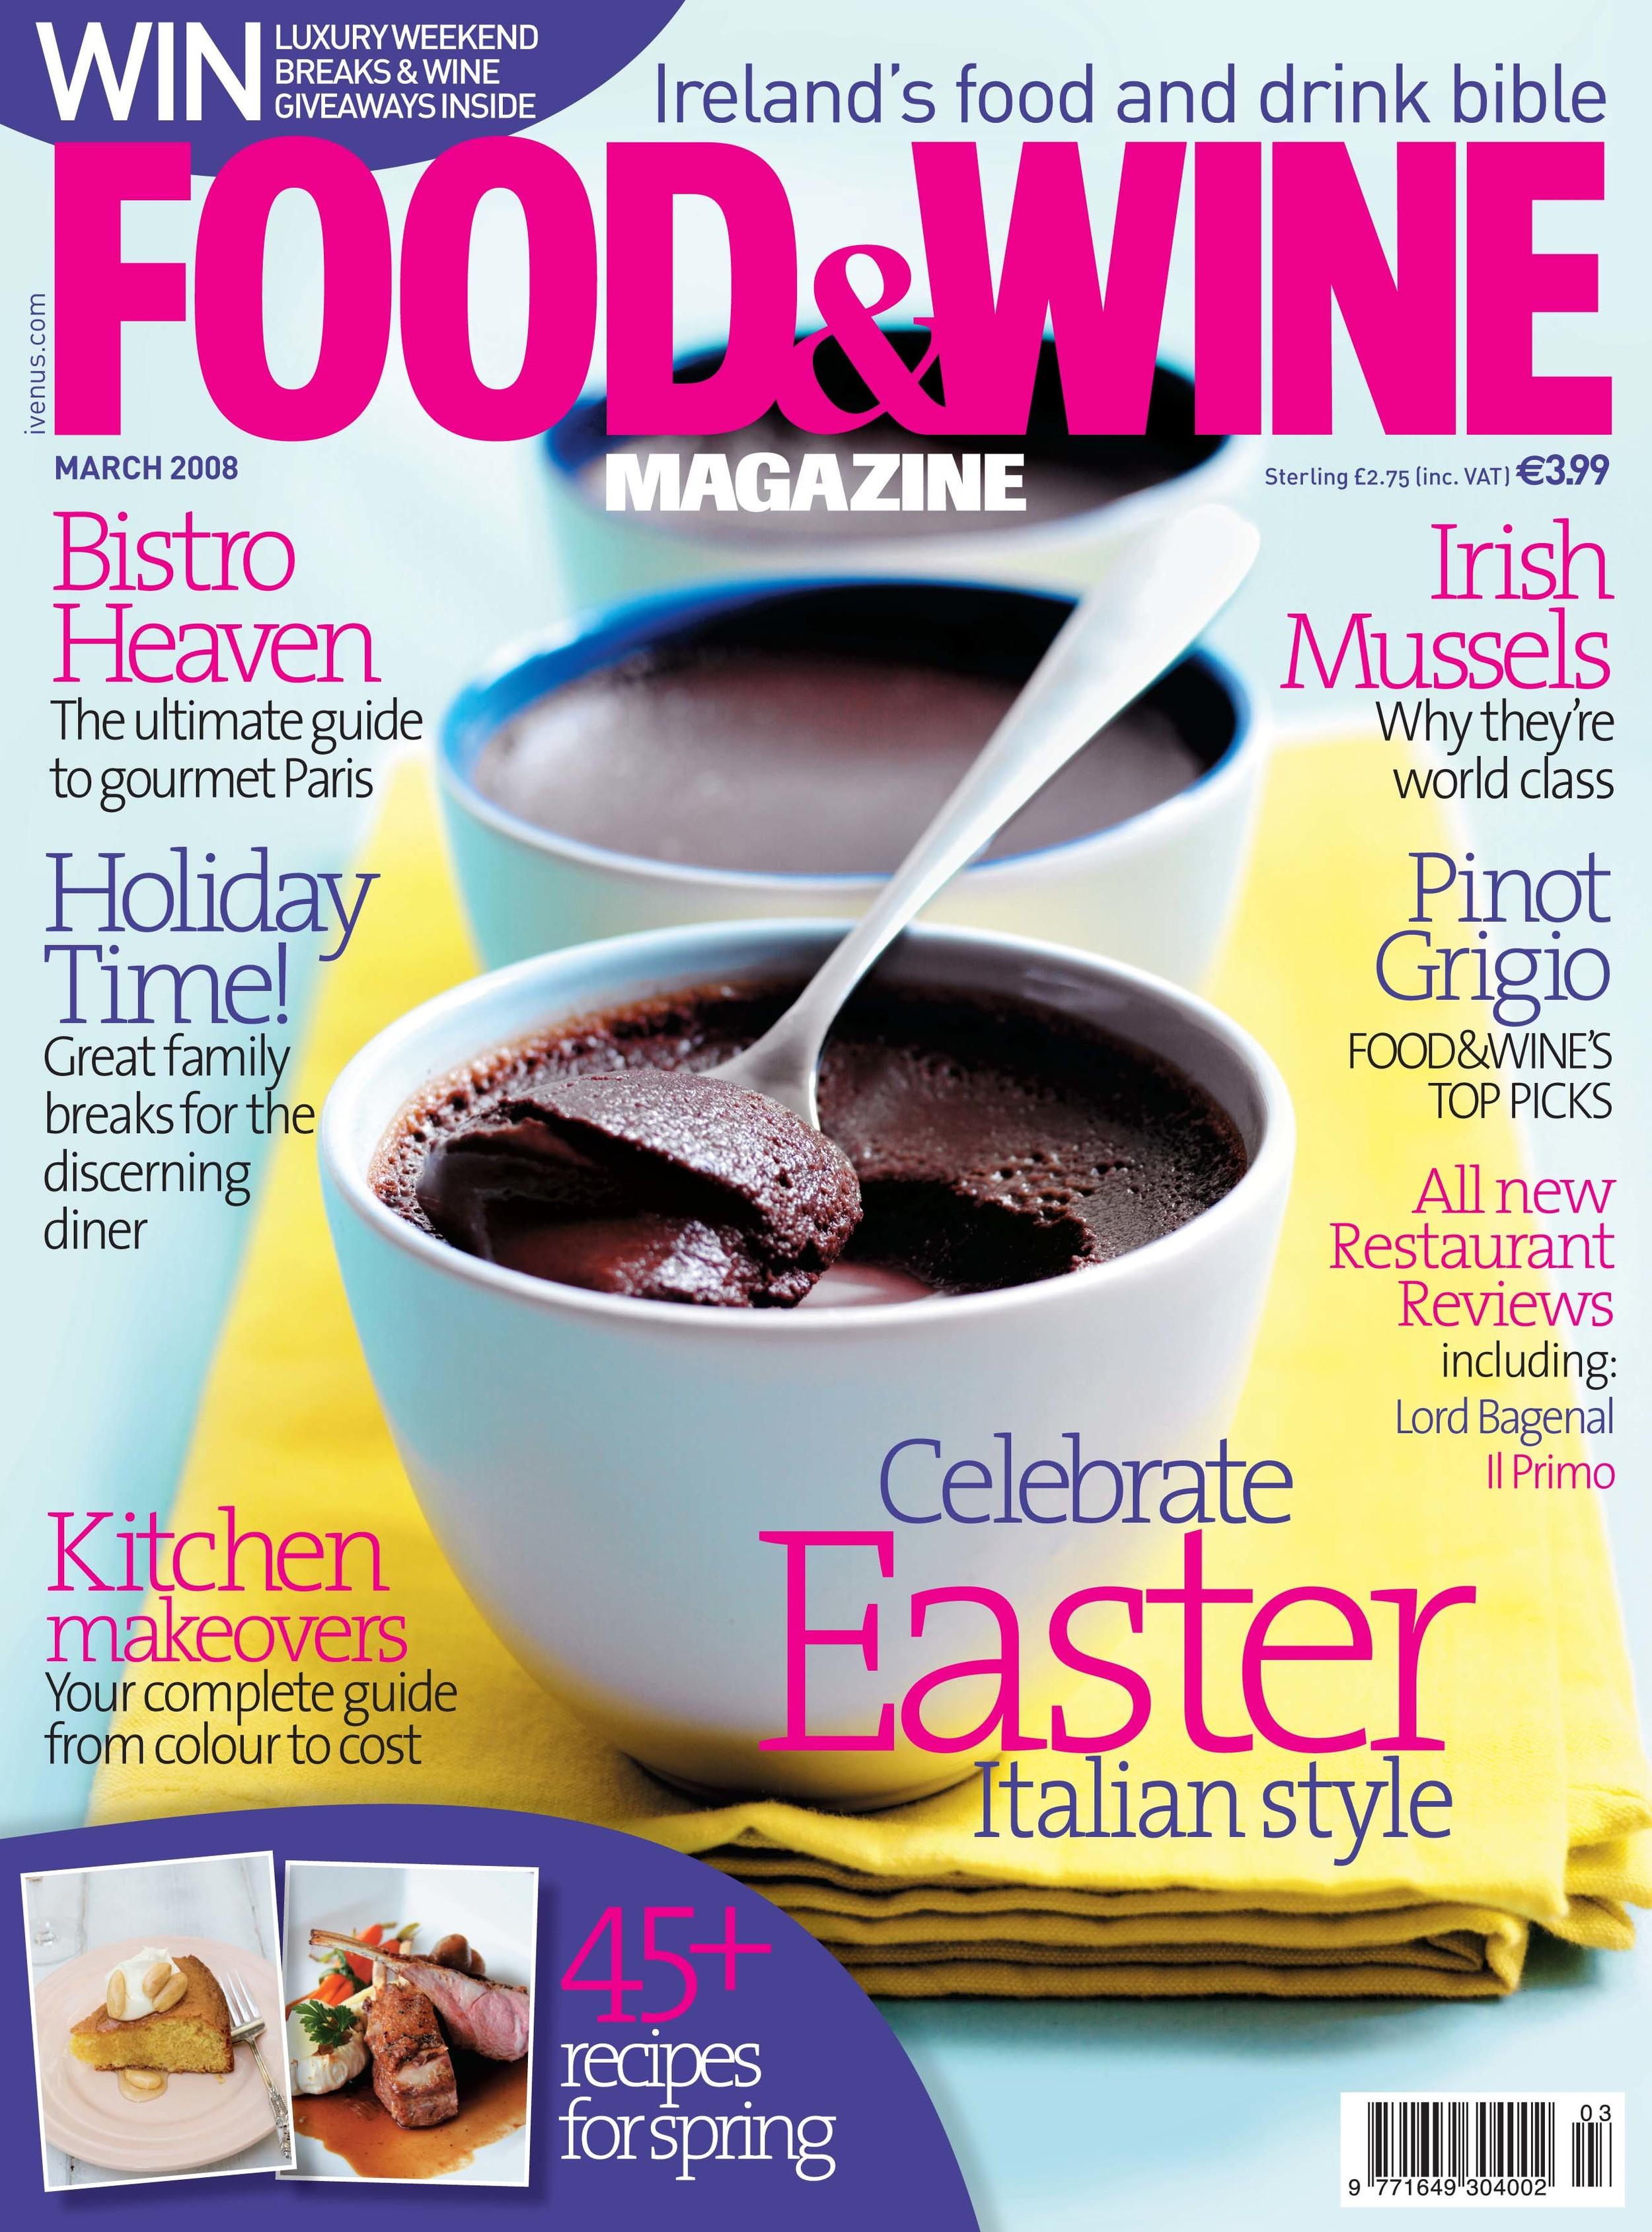 FW COVER1.jpg